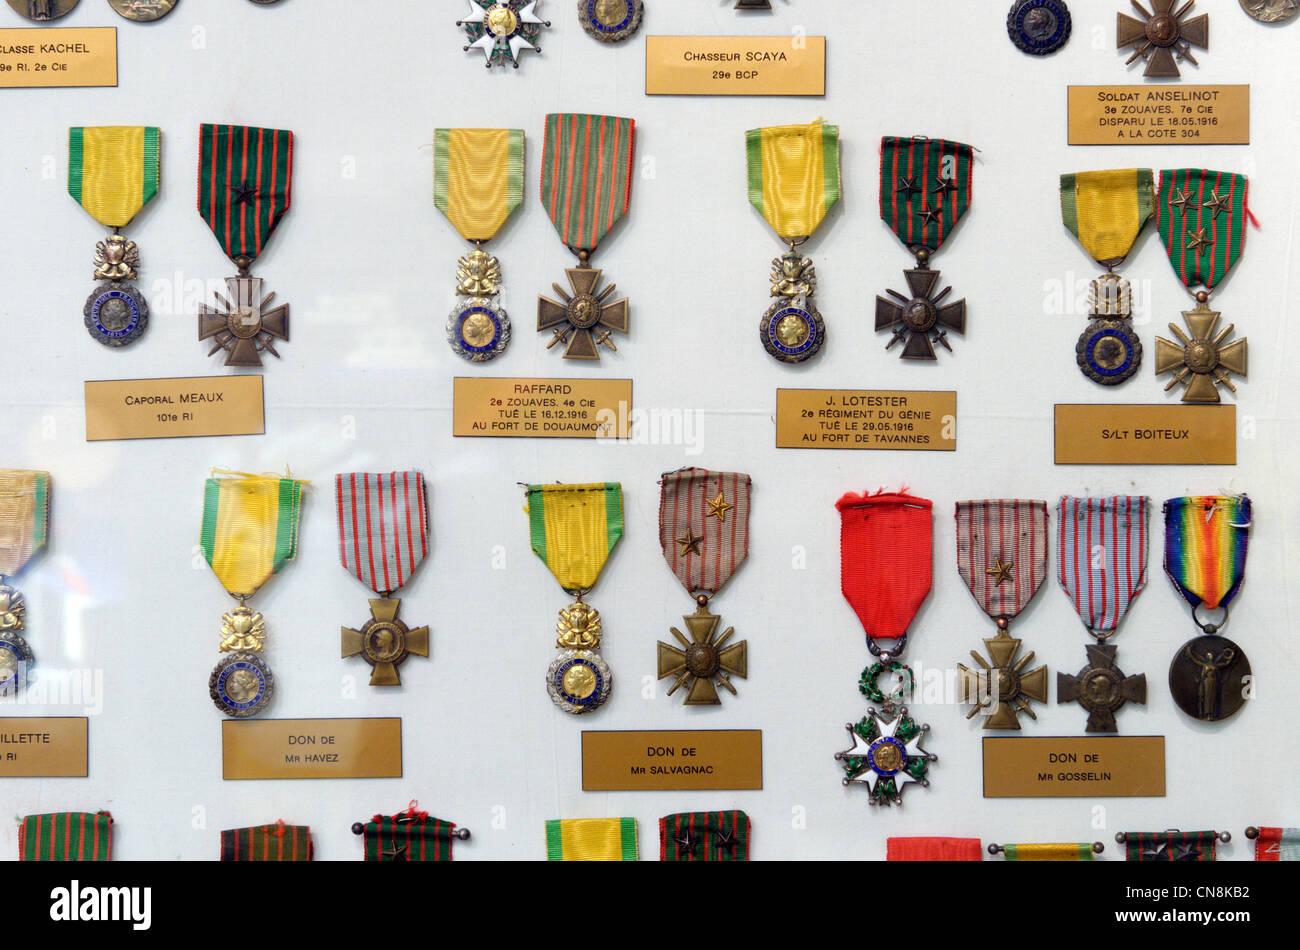 Francia, el Mosa, Fleury devant Douaumont, medallas militares Imagen De Stock